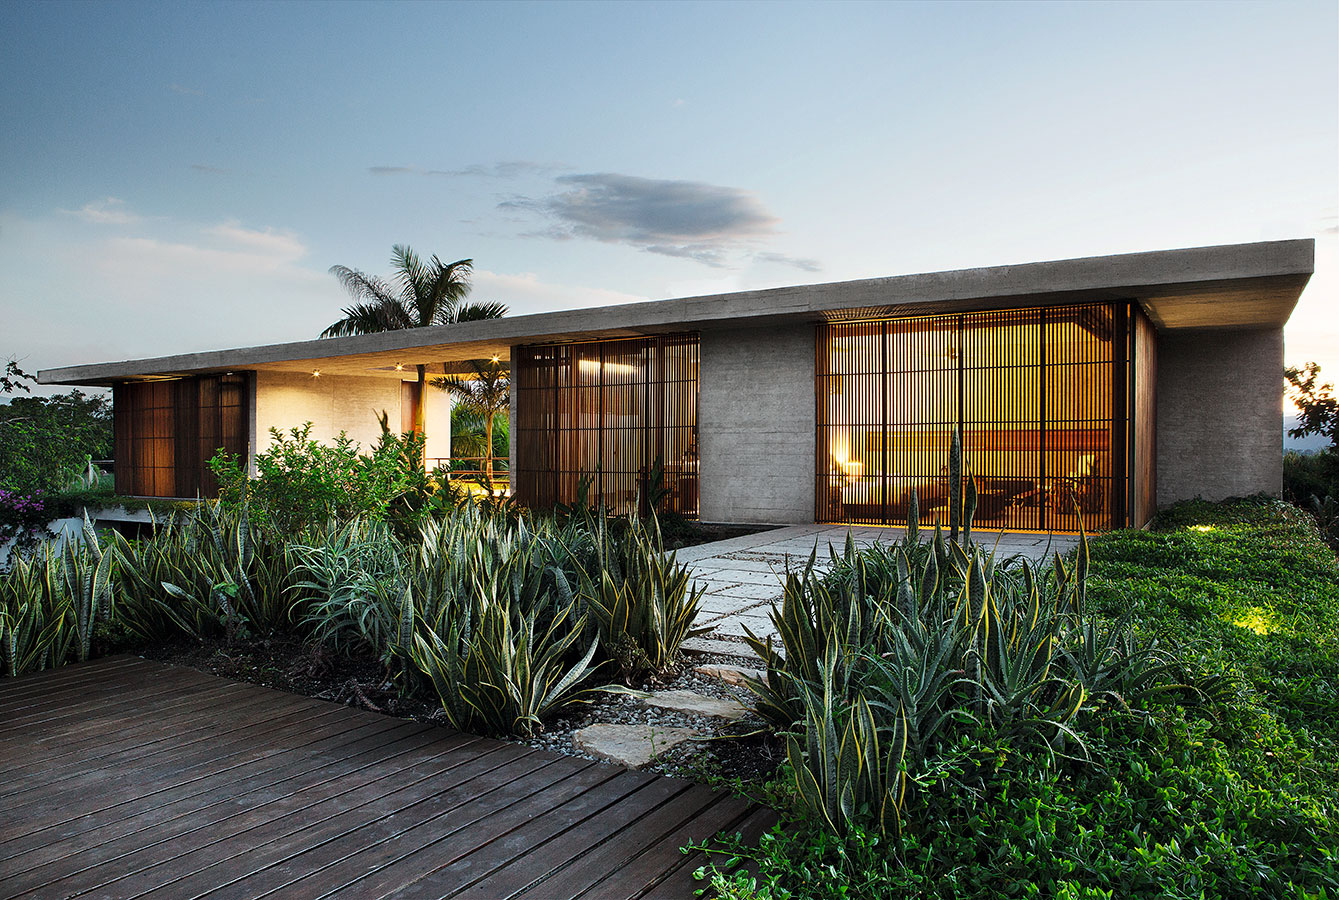 racionalismo tropical arquitectura de concreto y madera